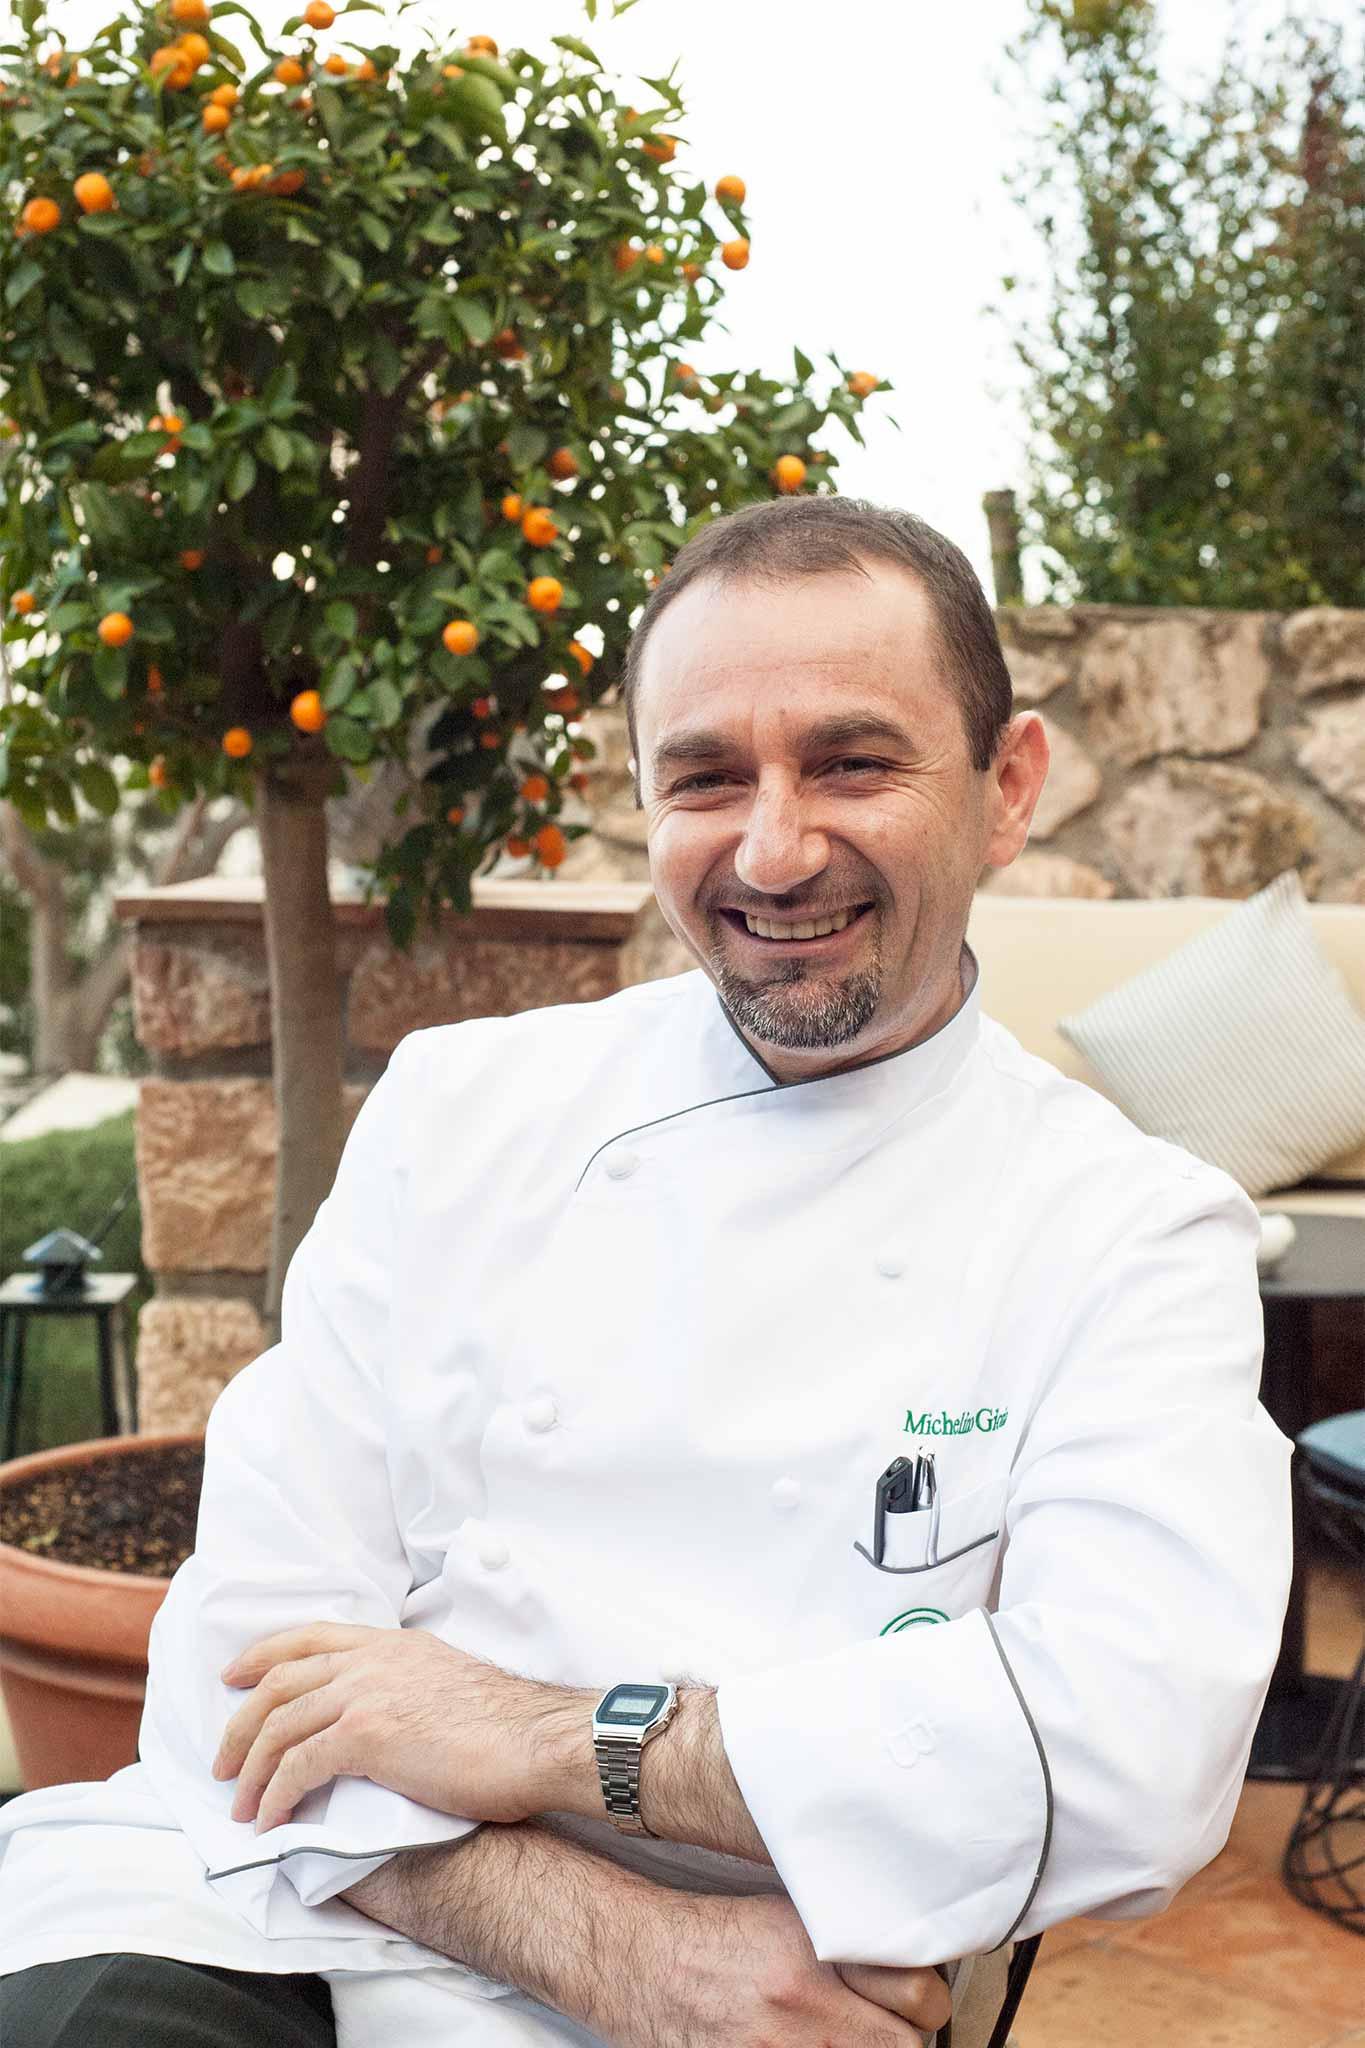 Michelino Gioia chef de Il Pellicano stella michelin